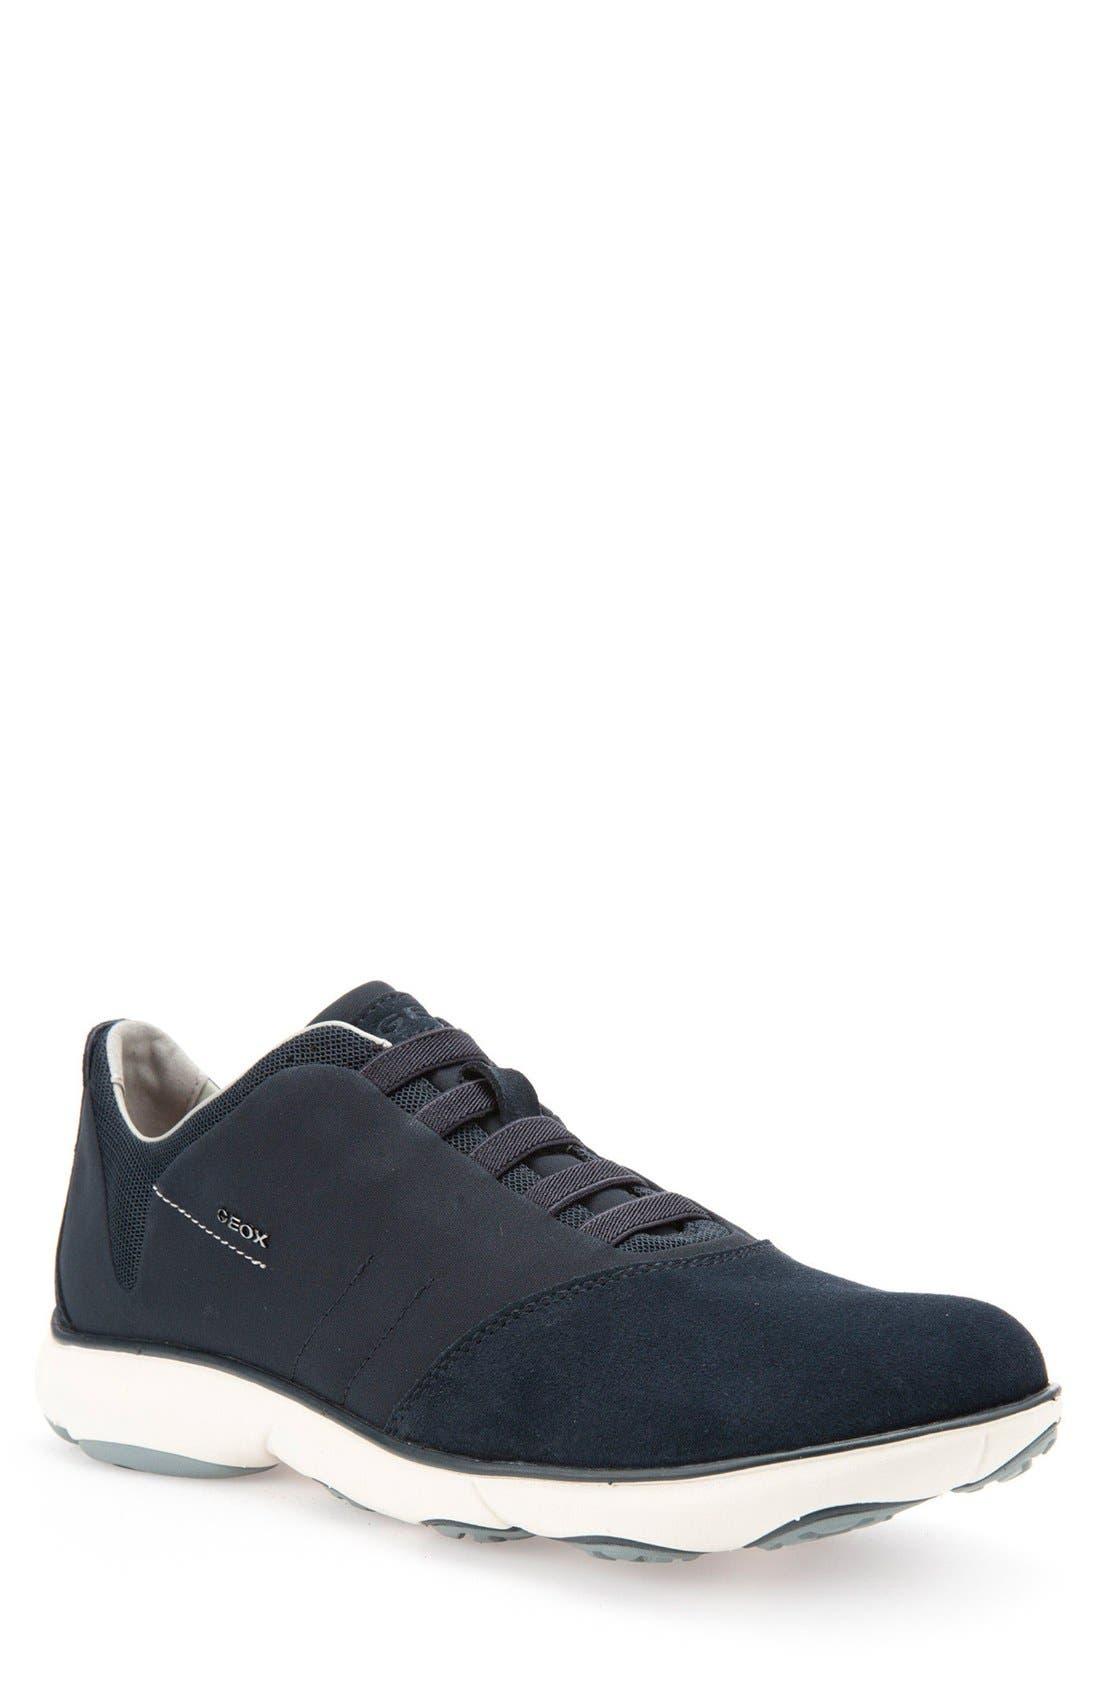 Geox Nebula10 Slip-On Sneaker (Men)